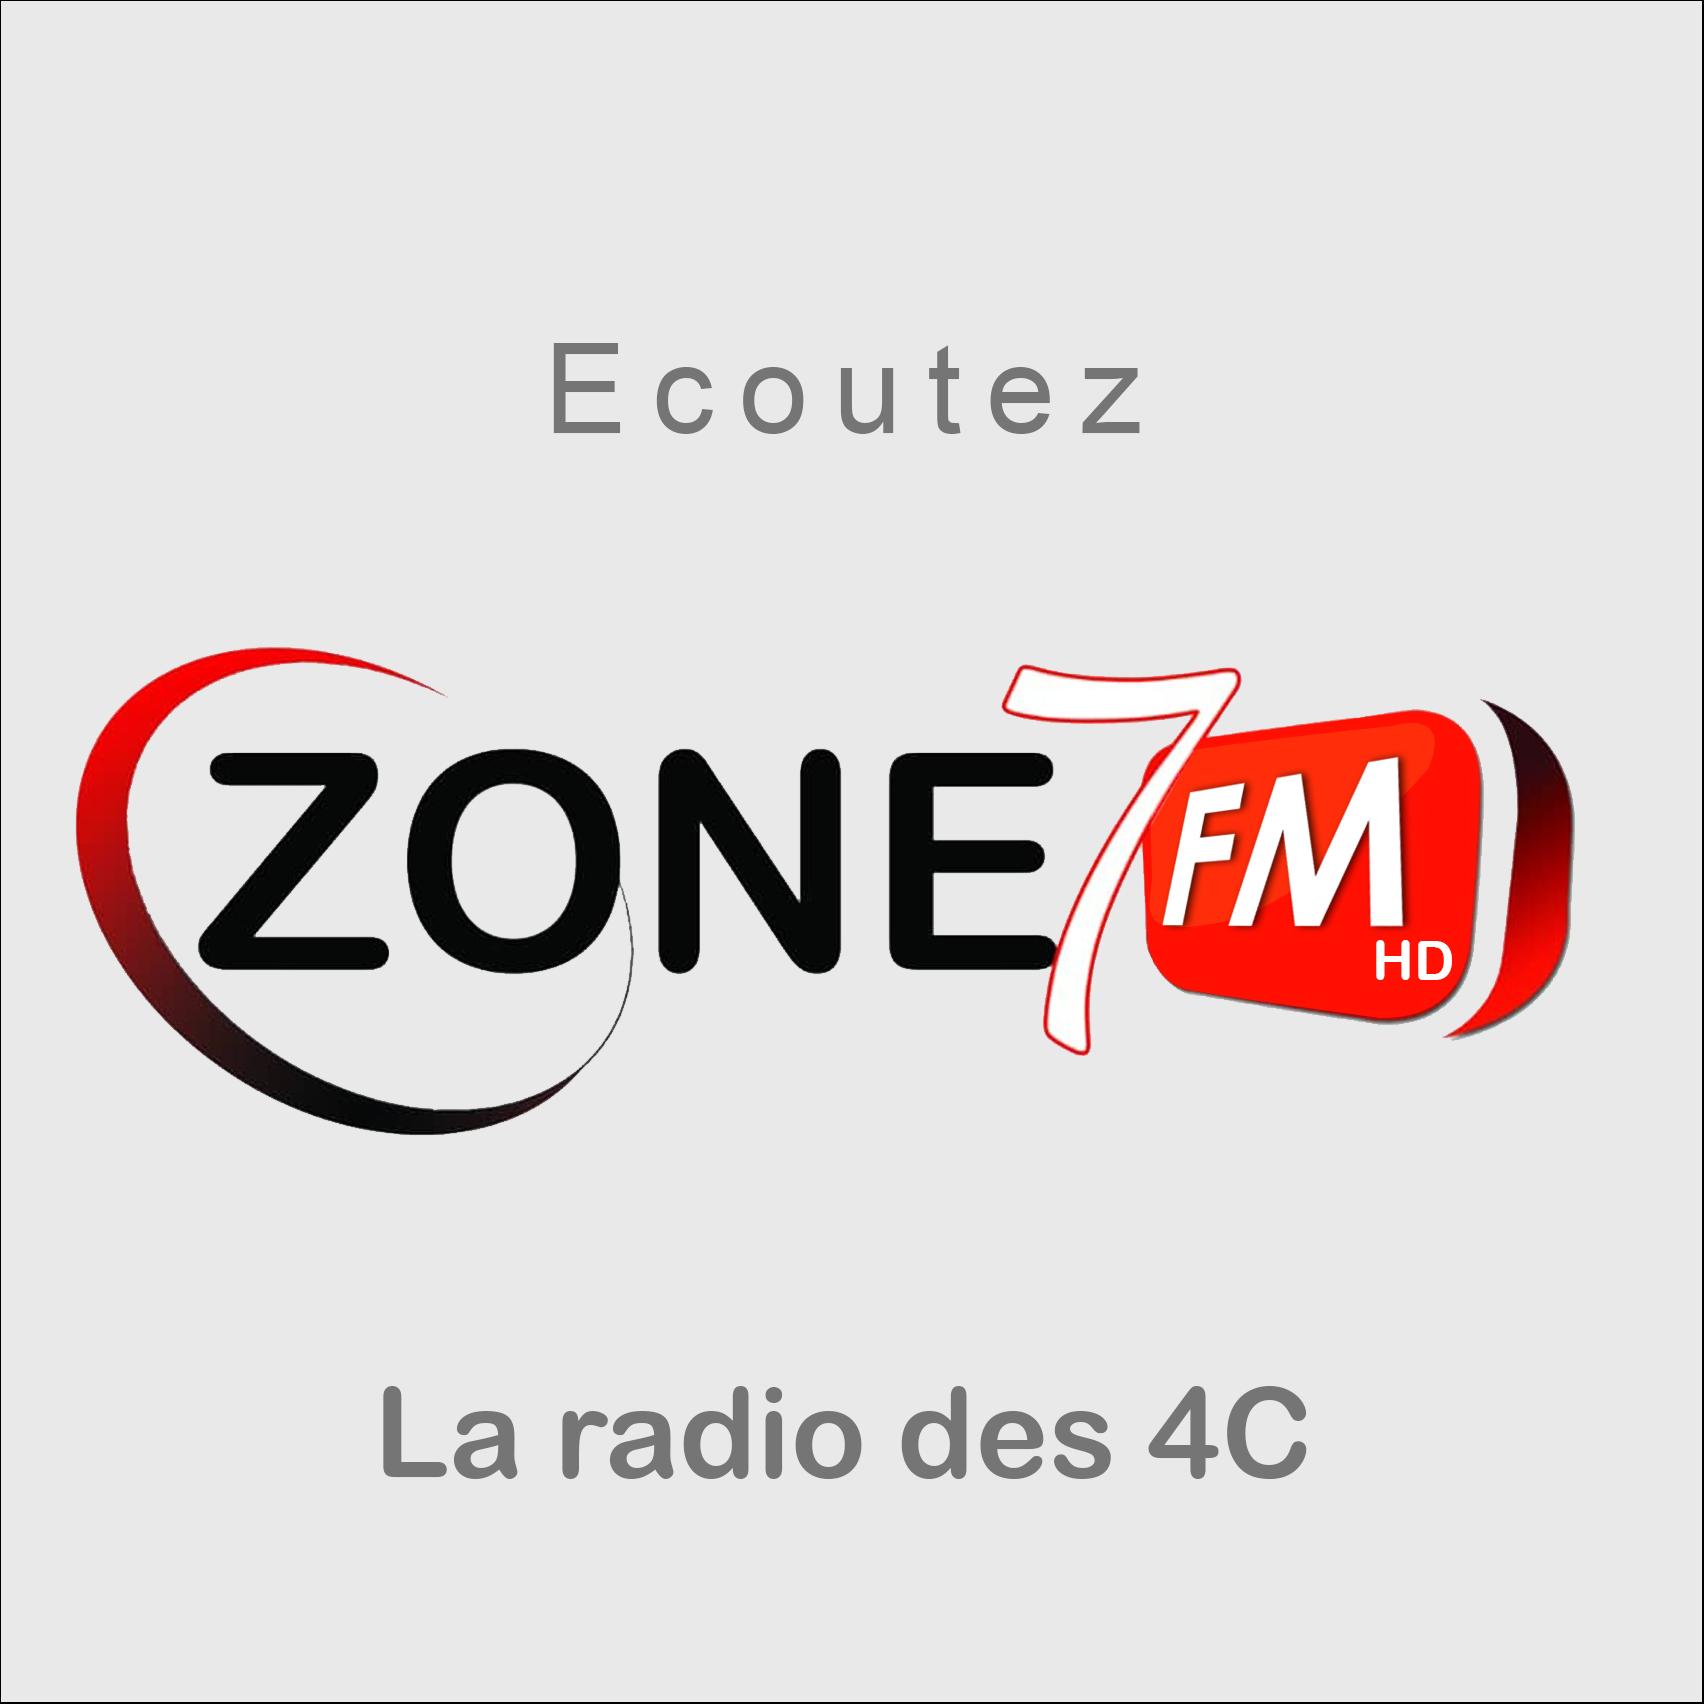 ZONE 7 FM